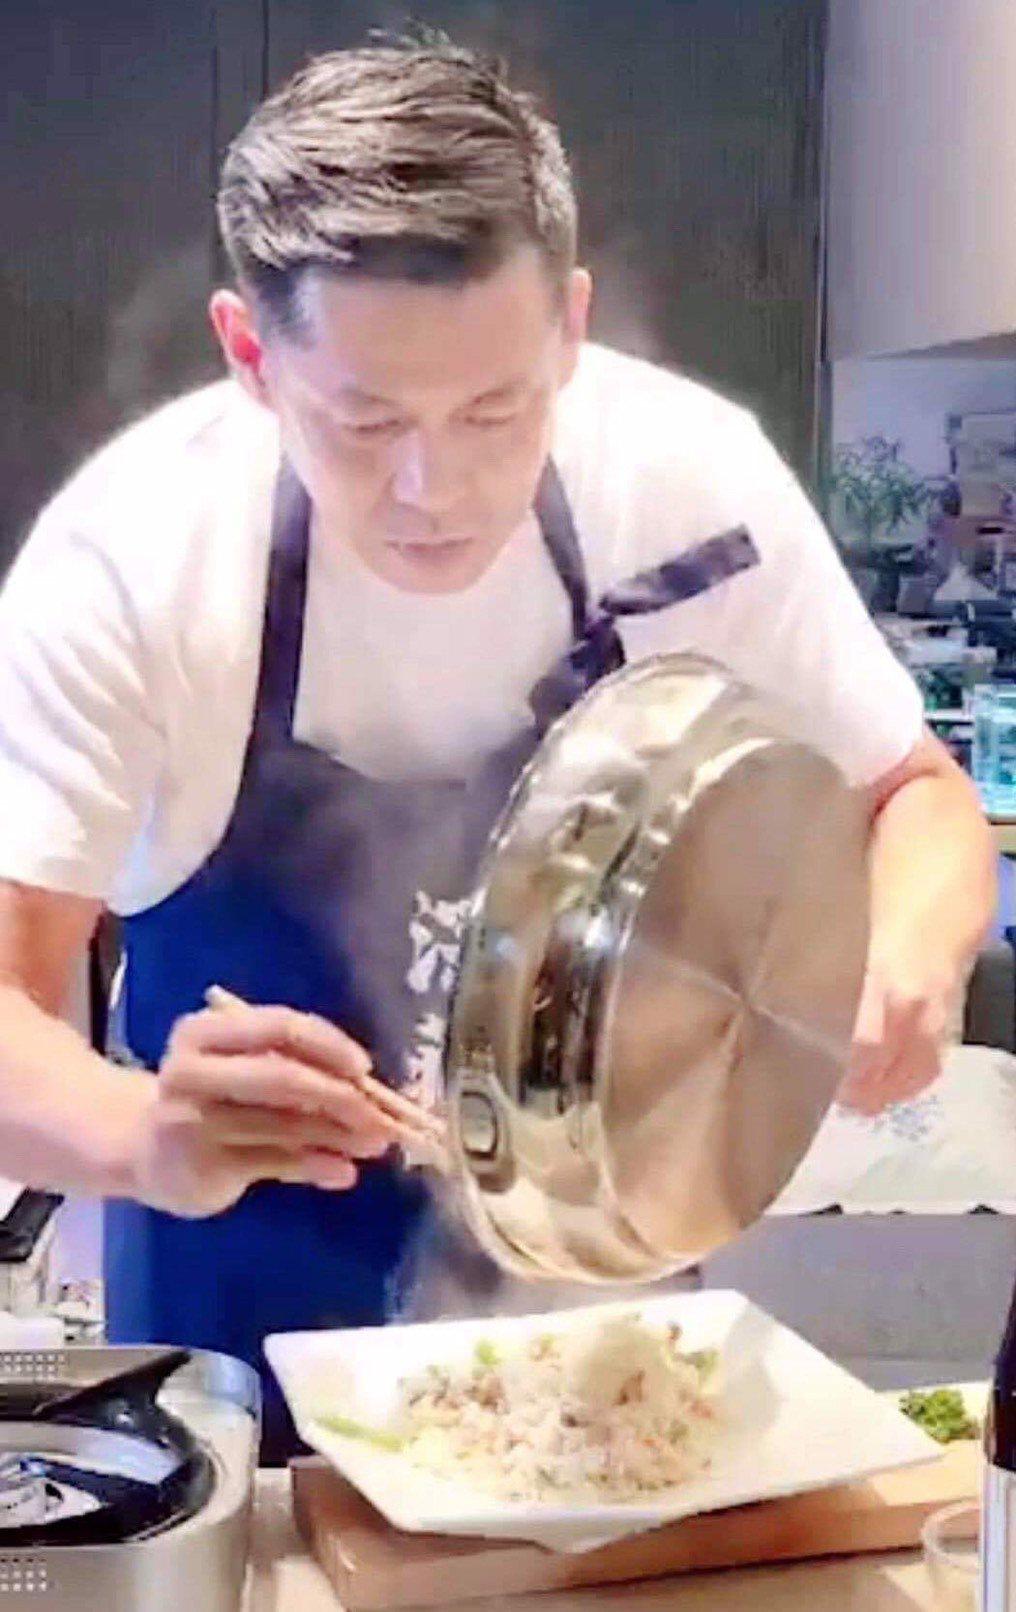 汪建民沒拍戲時,就在家直播作菜,粉絲雖然不多,但他很努力經營這個工作,因為背後有...